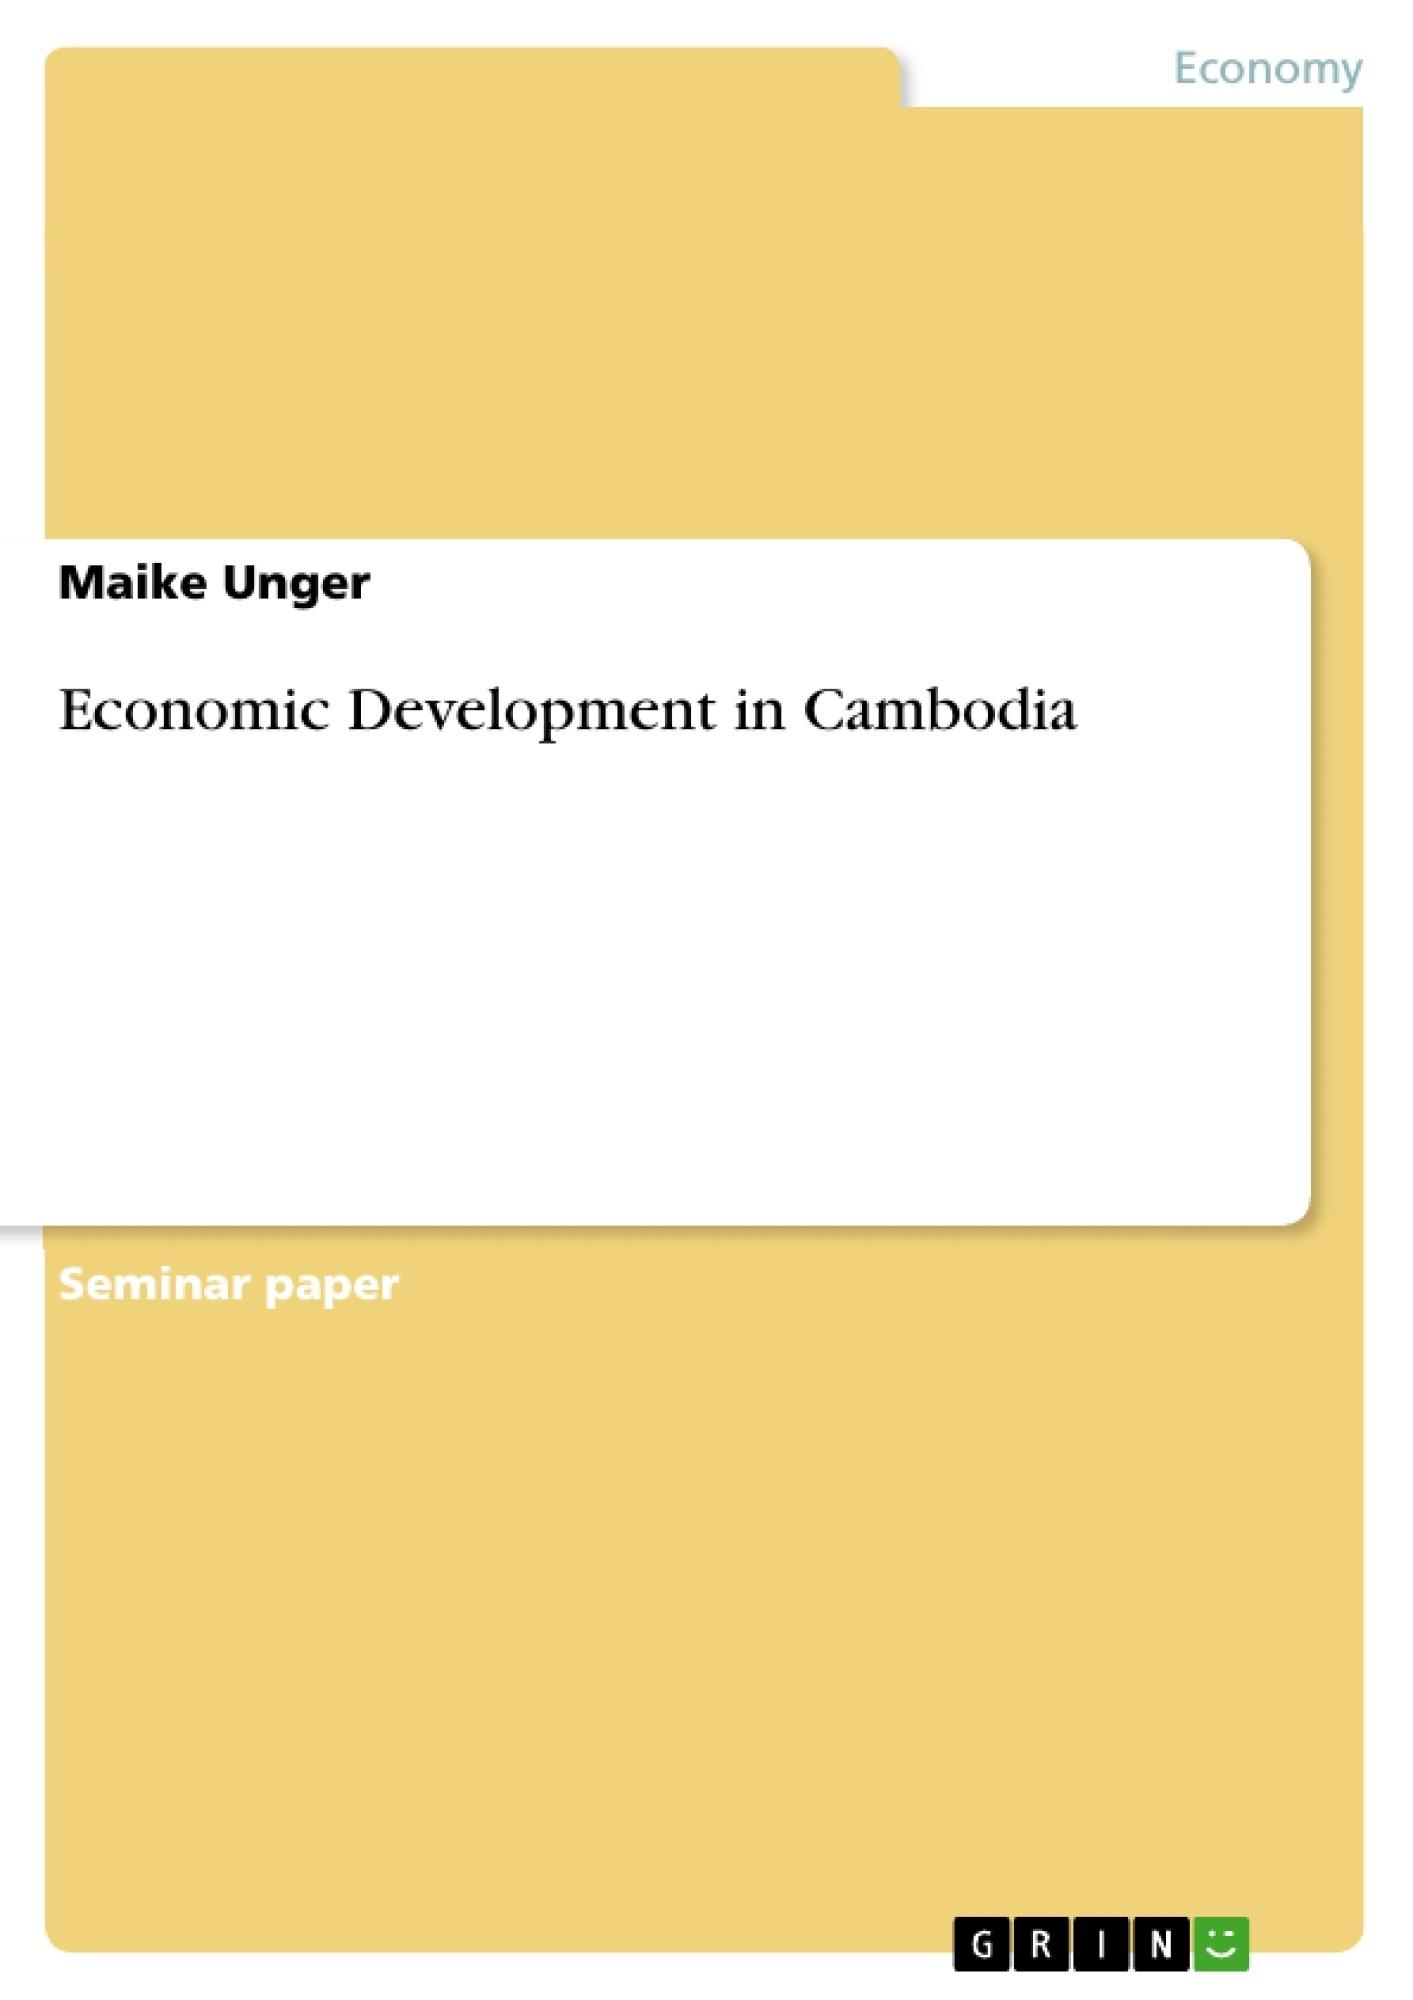 GRIN - Economic Development in Cambodia